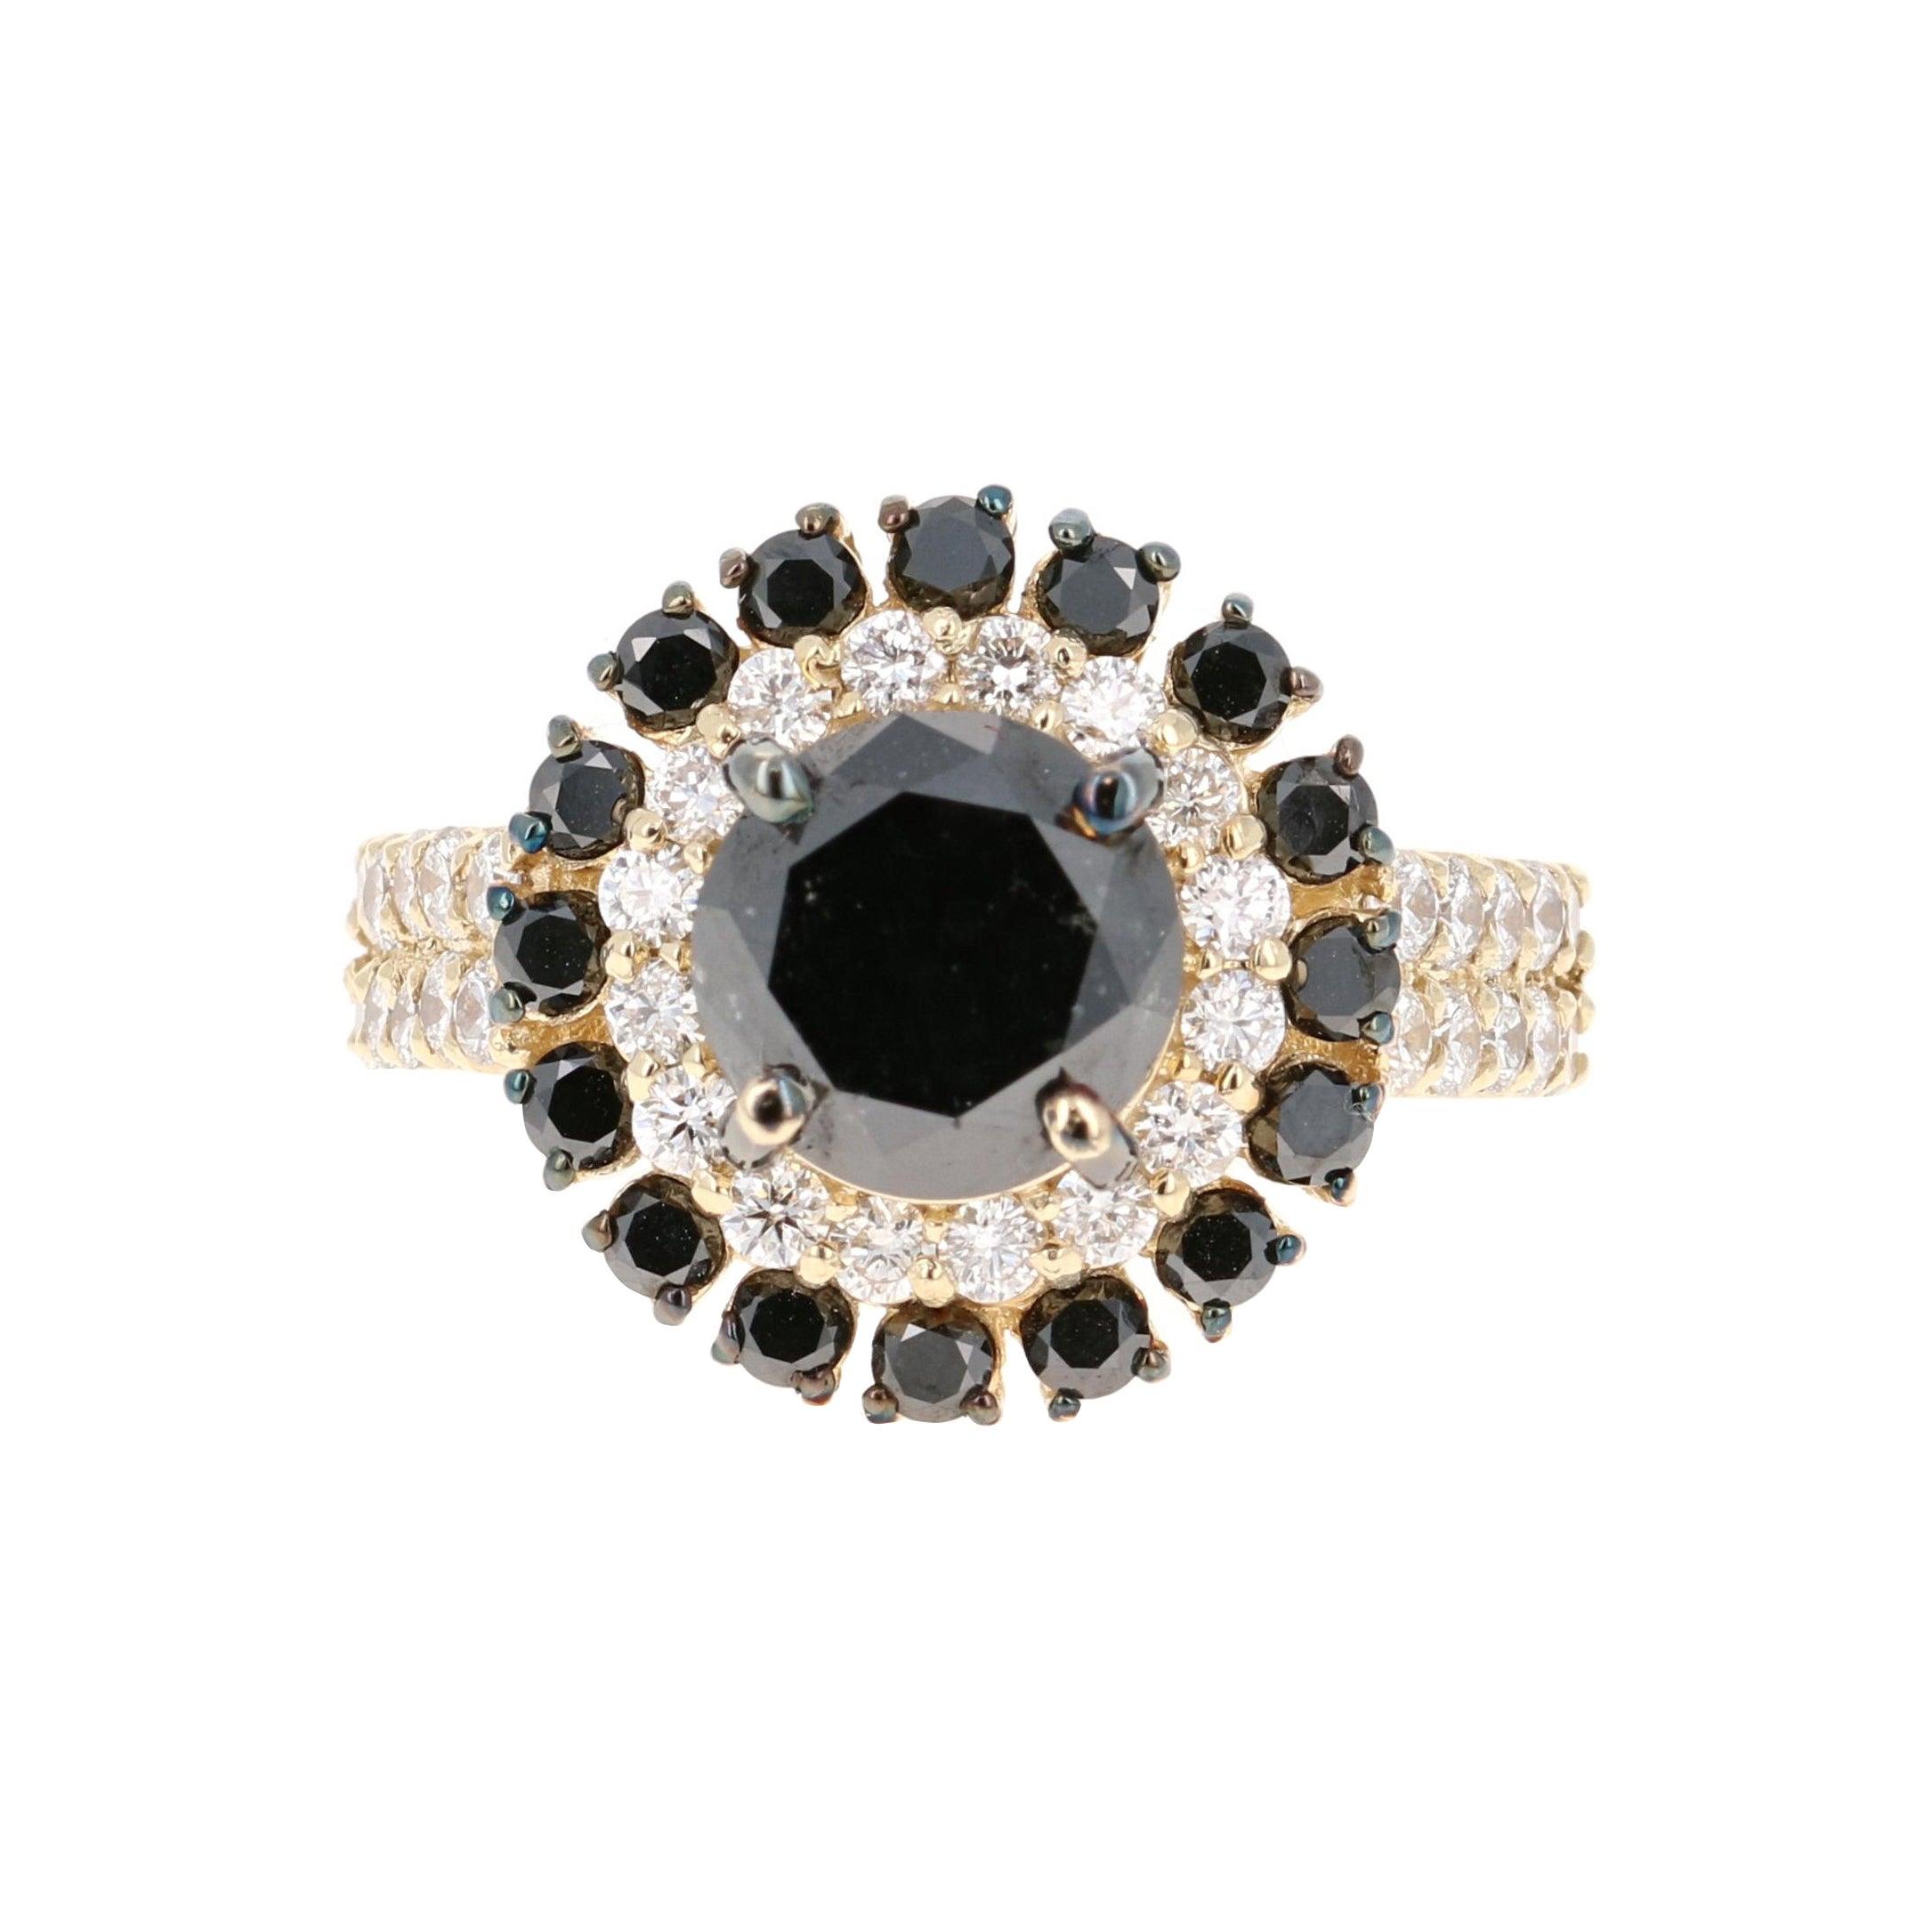 4.54 Carat Black and White Diamond 14 Karat Yellow Gold Engagement Ring